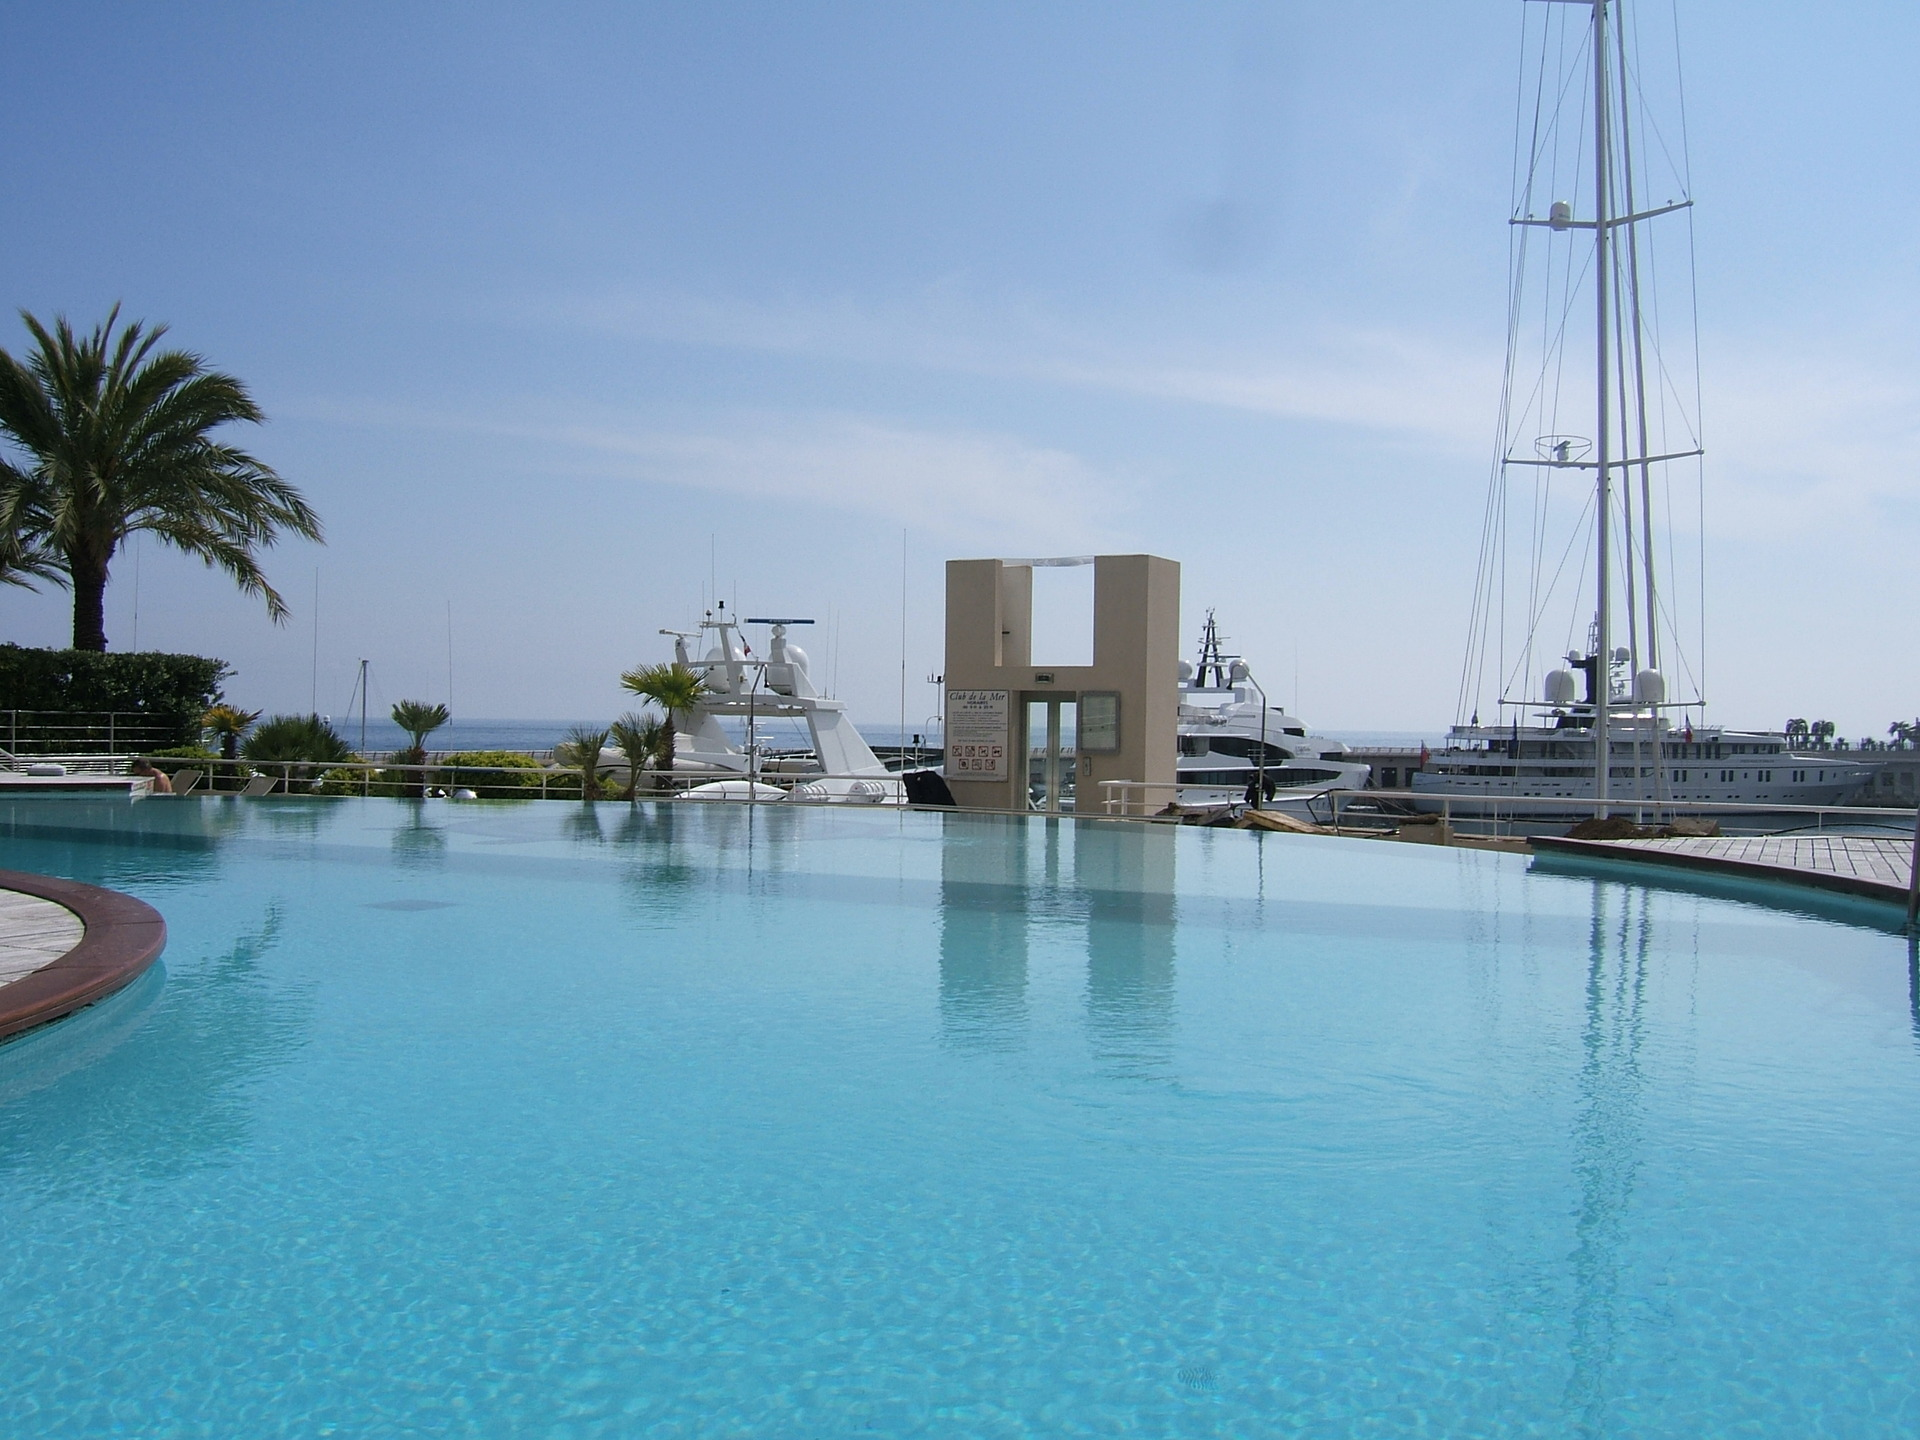 seaside-plaza-Monaco-luxury-pool